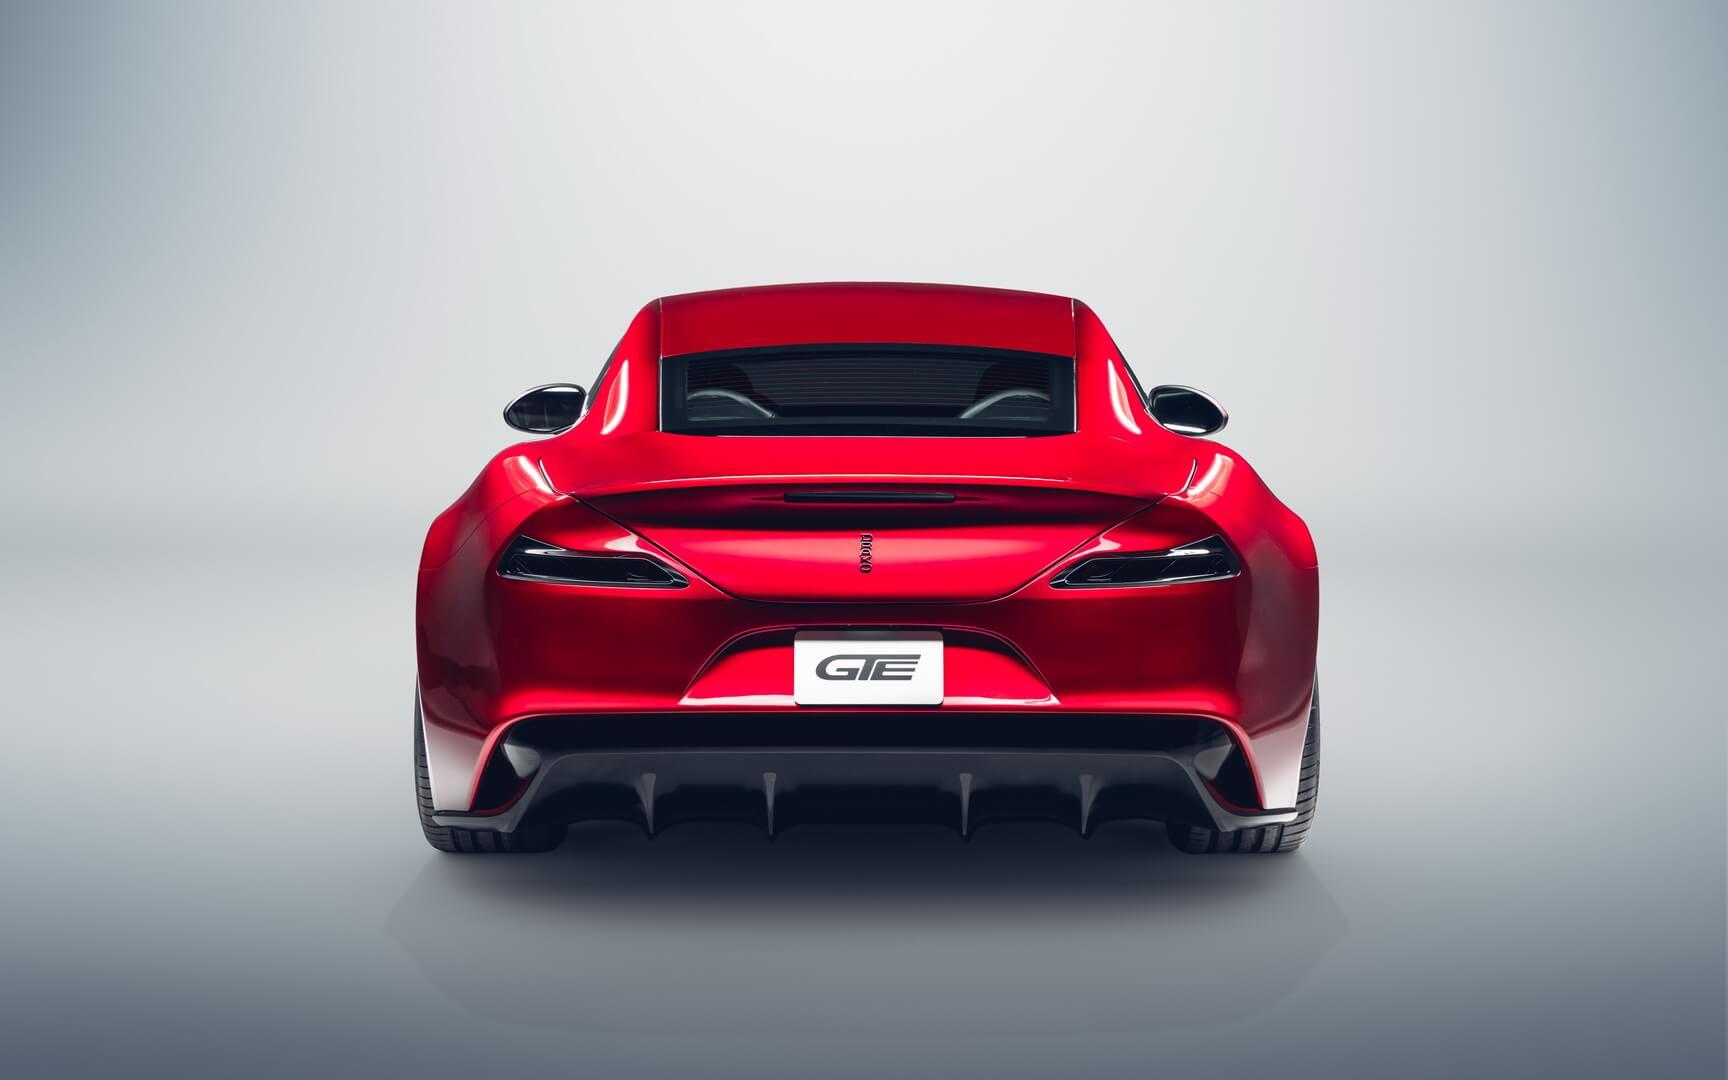 Электрический суперкар Drako GTE - вид сзади